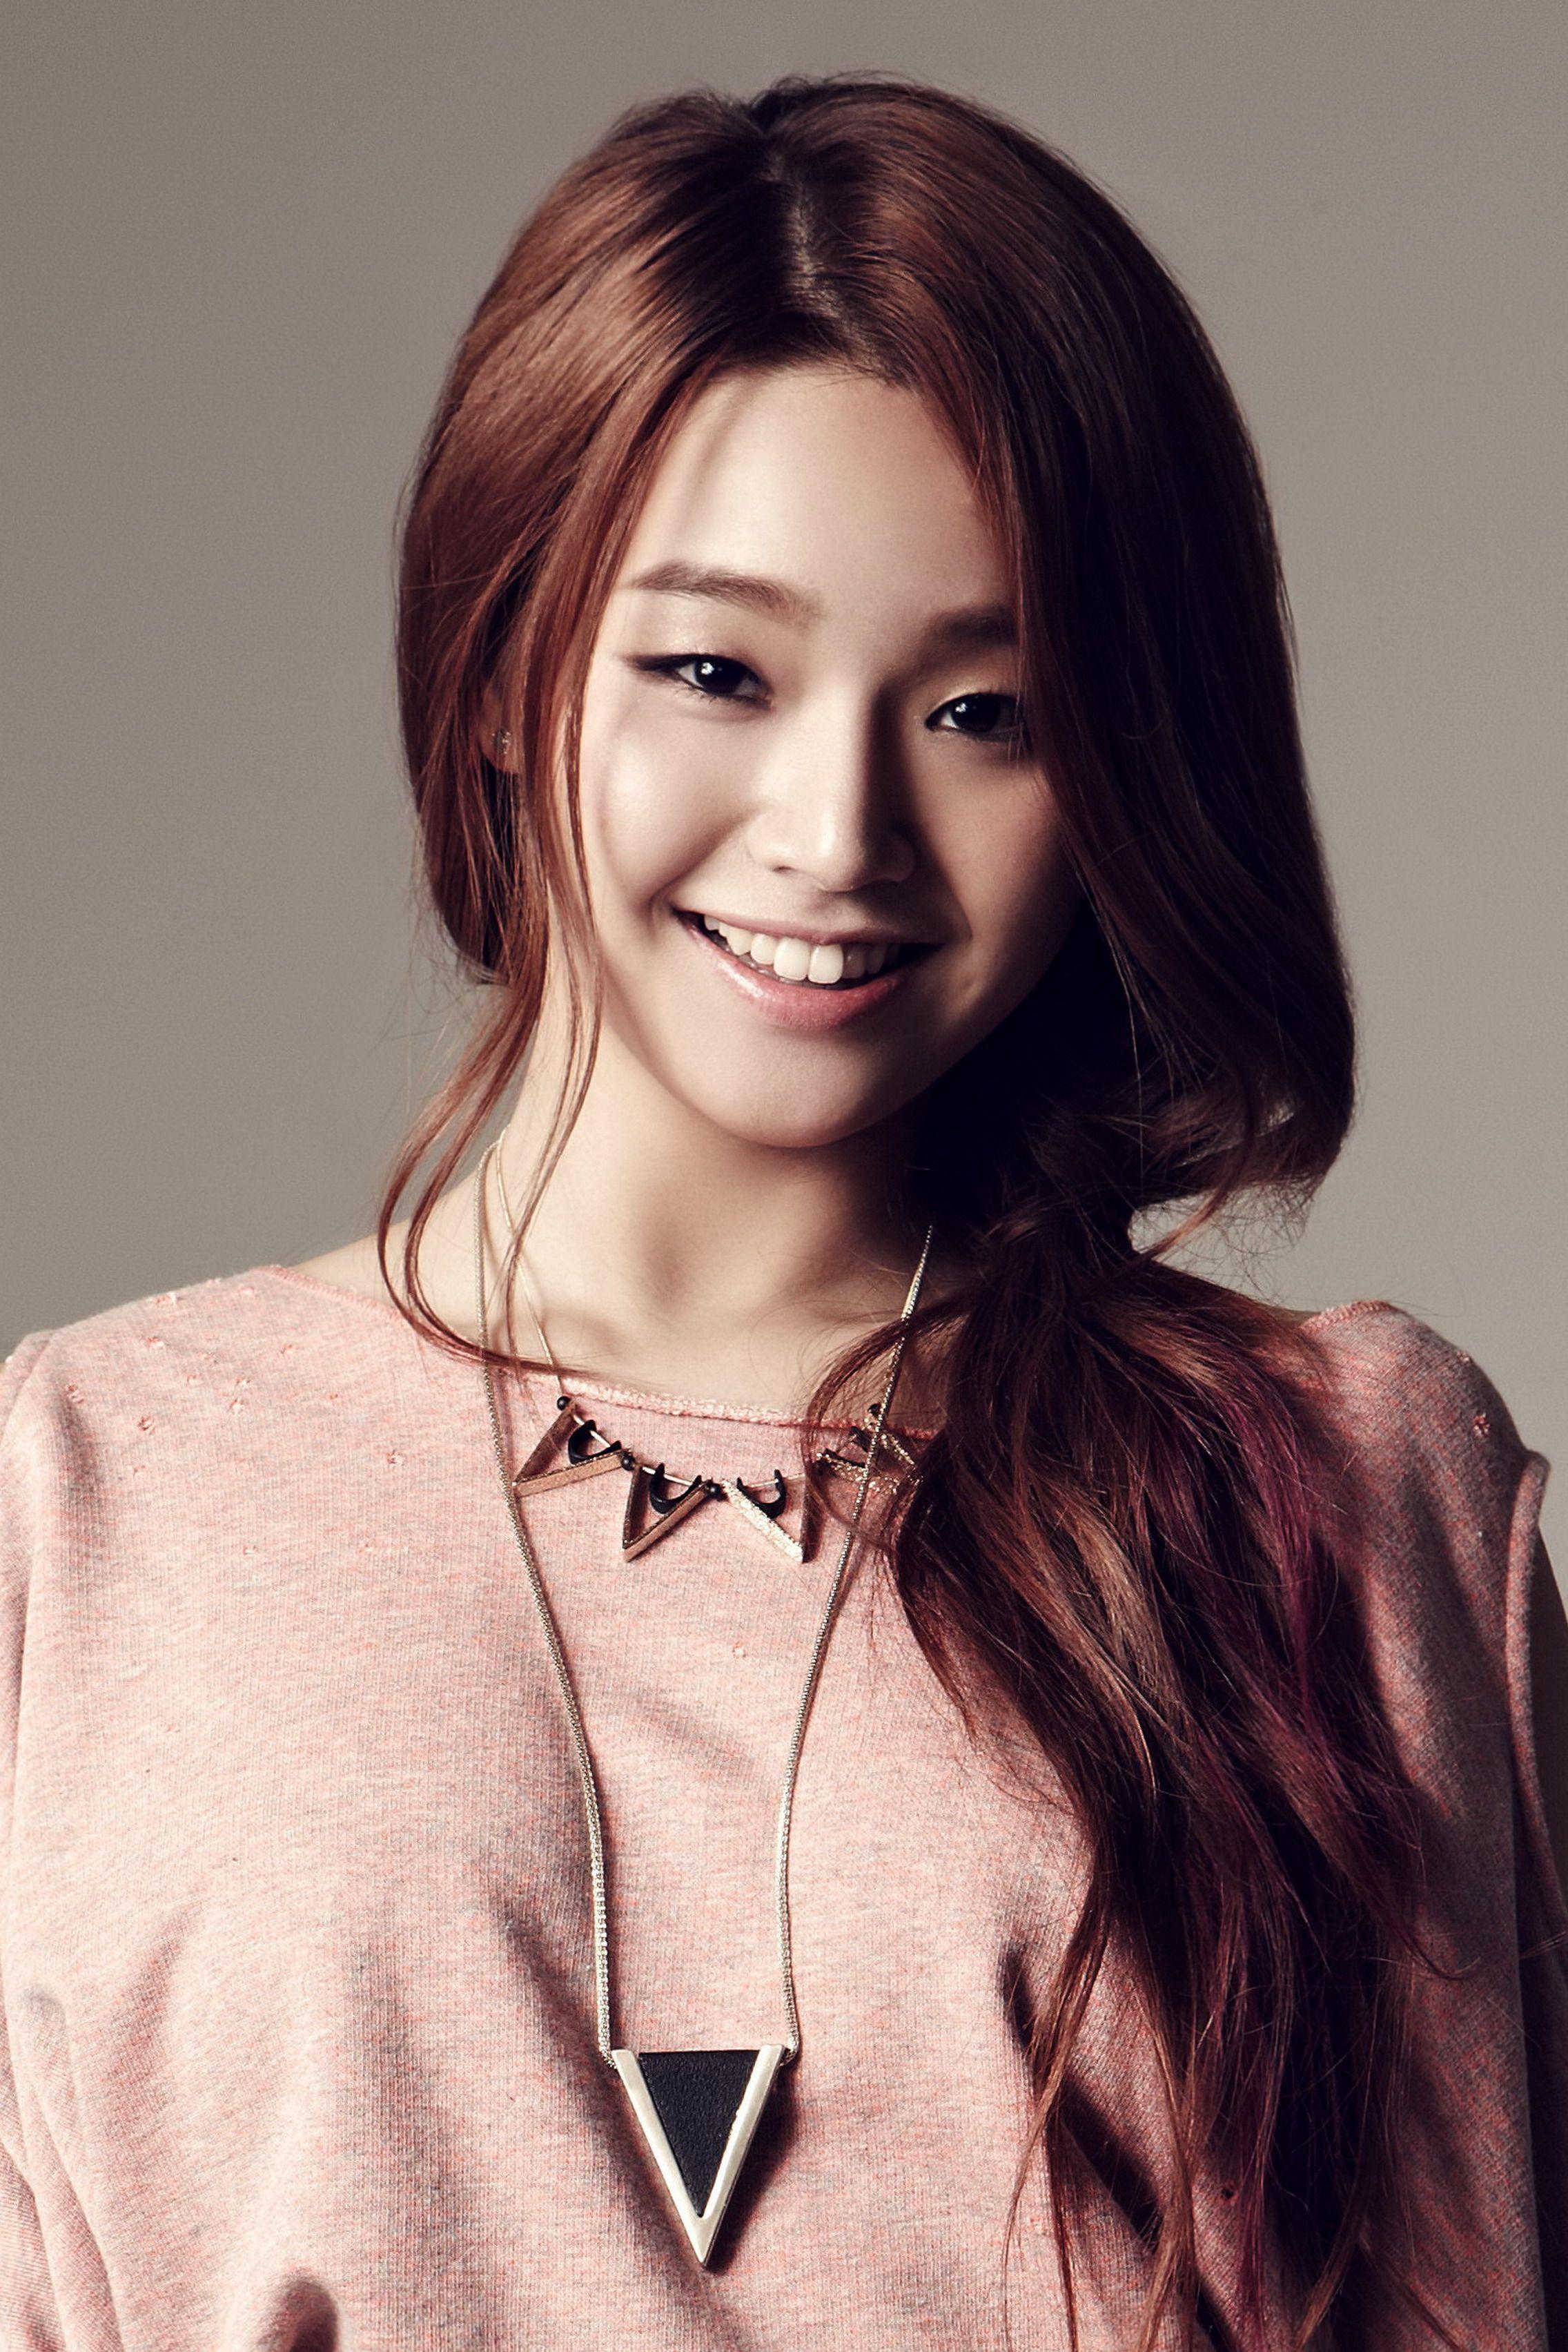 hairstyles for asian women bonghong Pinterest